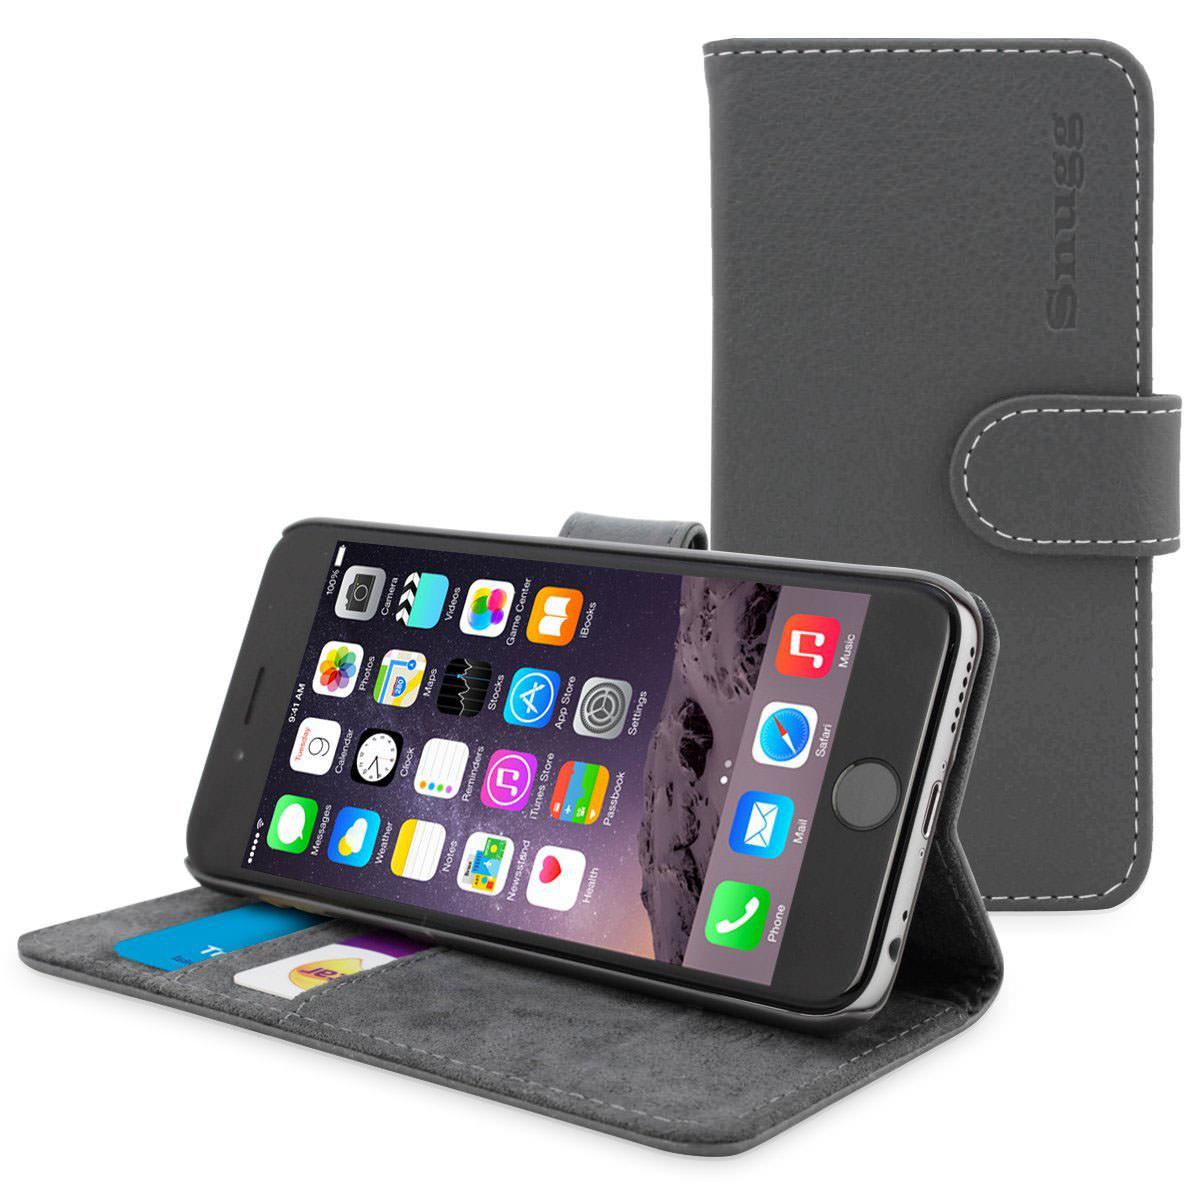 custodia per iPhone 6s di Snugg